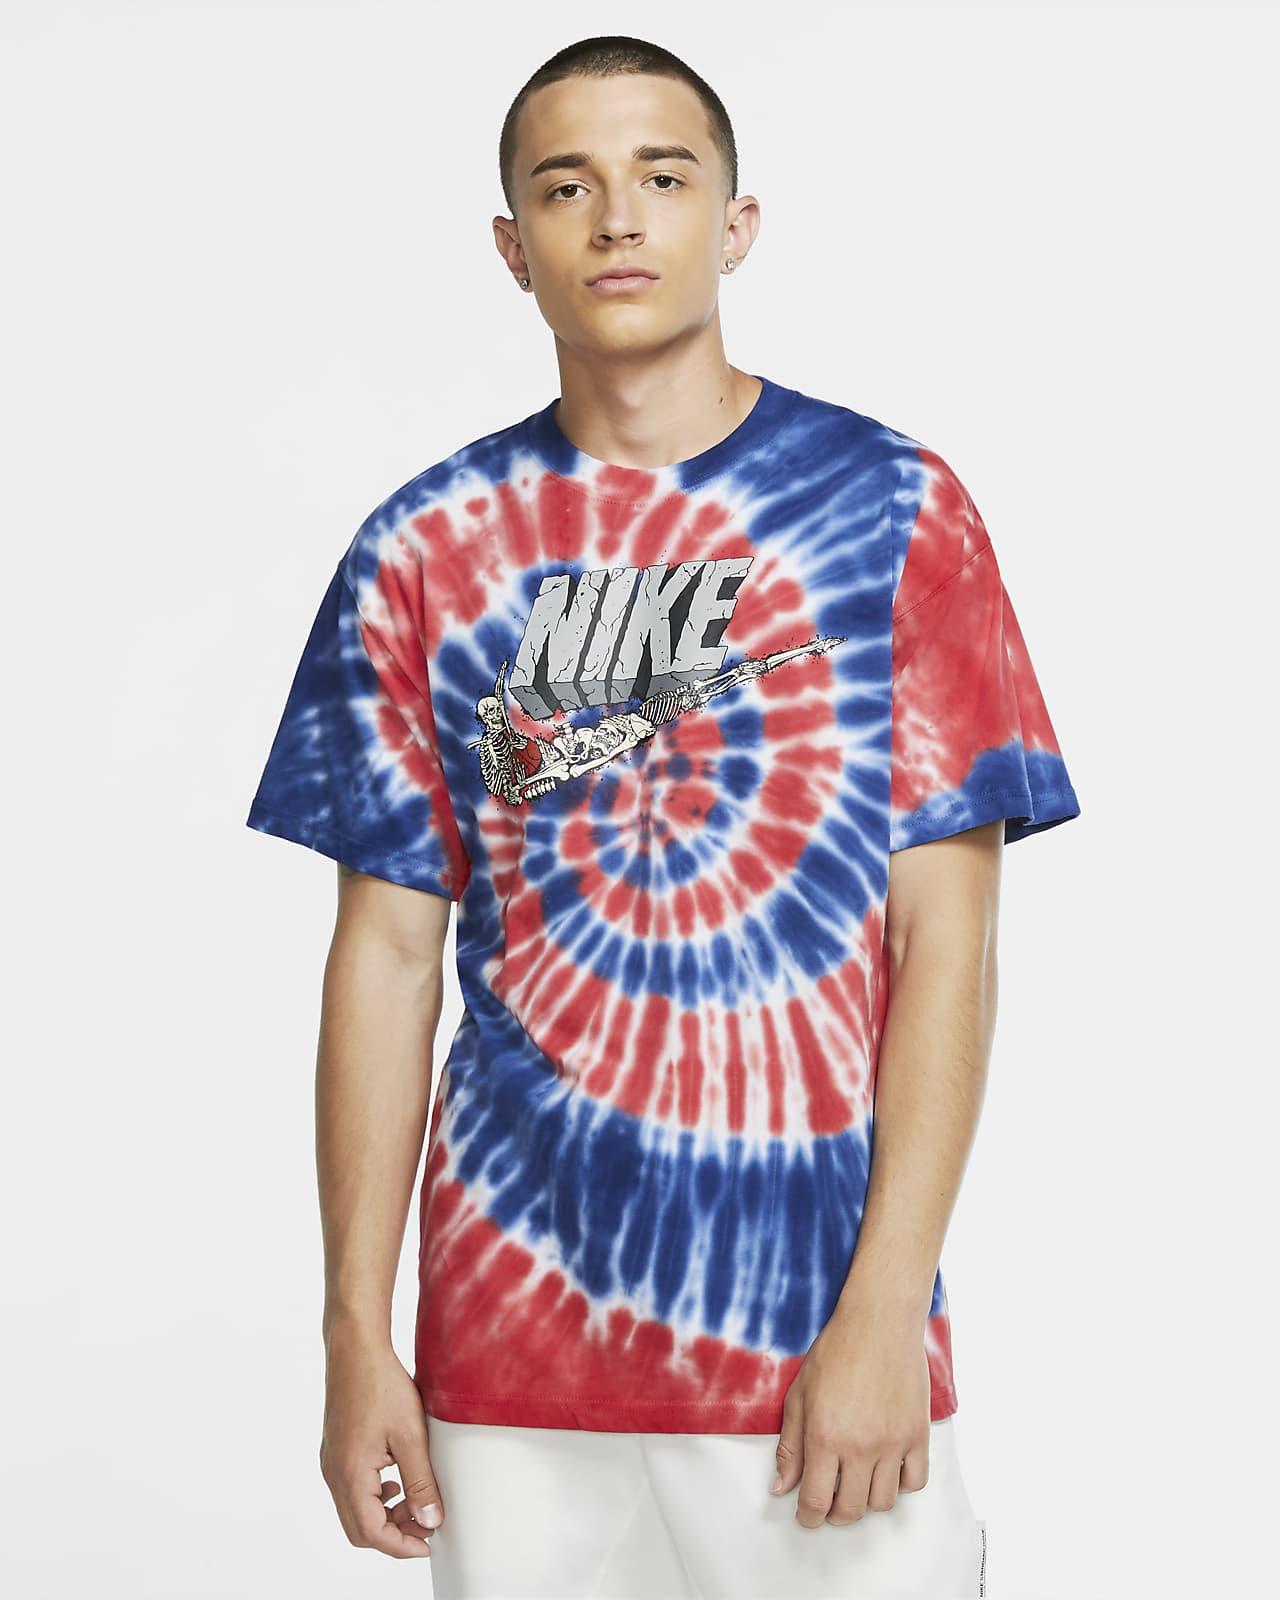 เสื้อยืดบาสเก็ตบอลผู้ชาย Nike Exploration Series